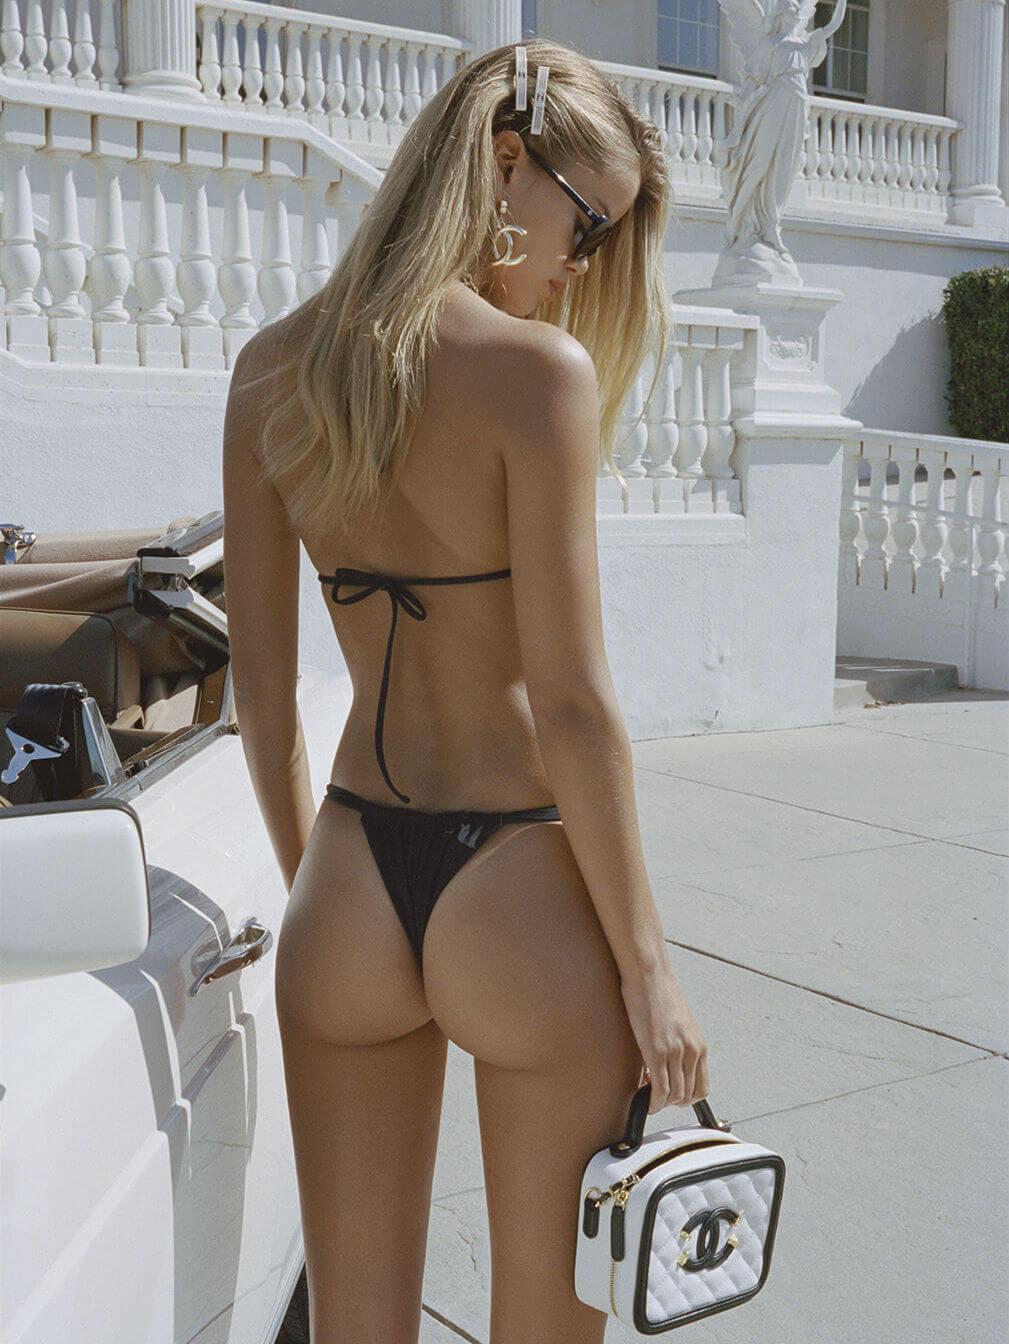 Frida-Aasen sexy ass in thong